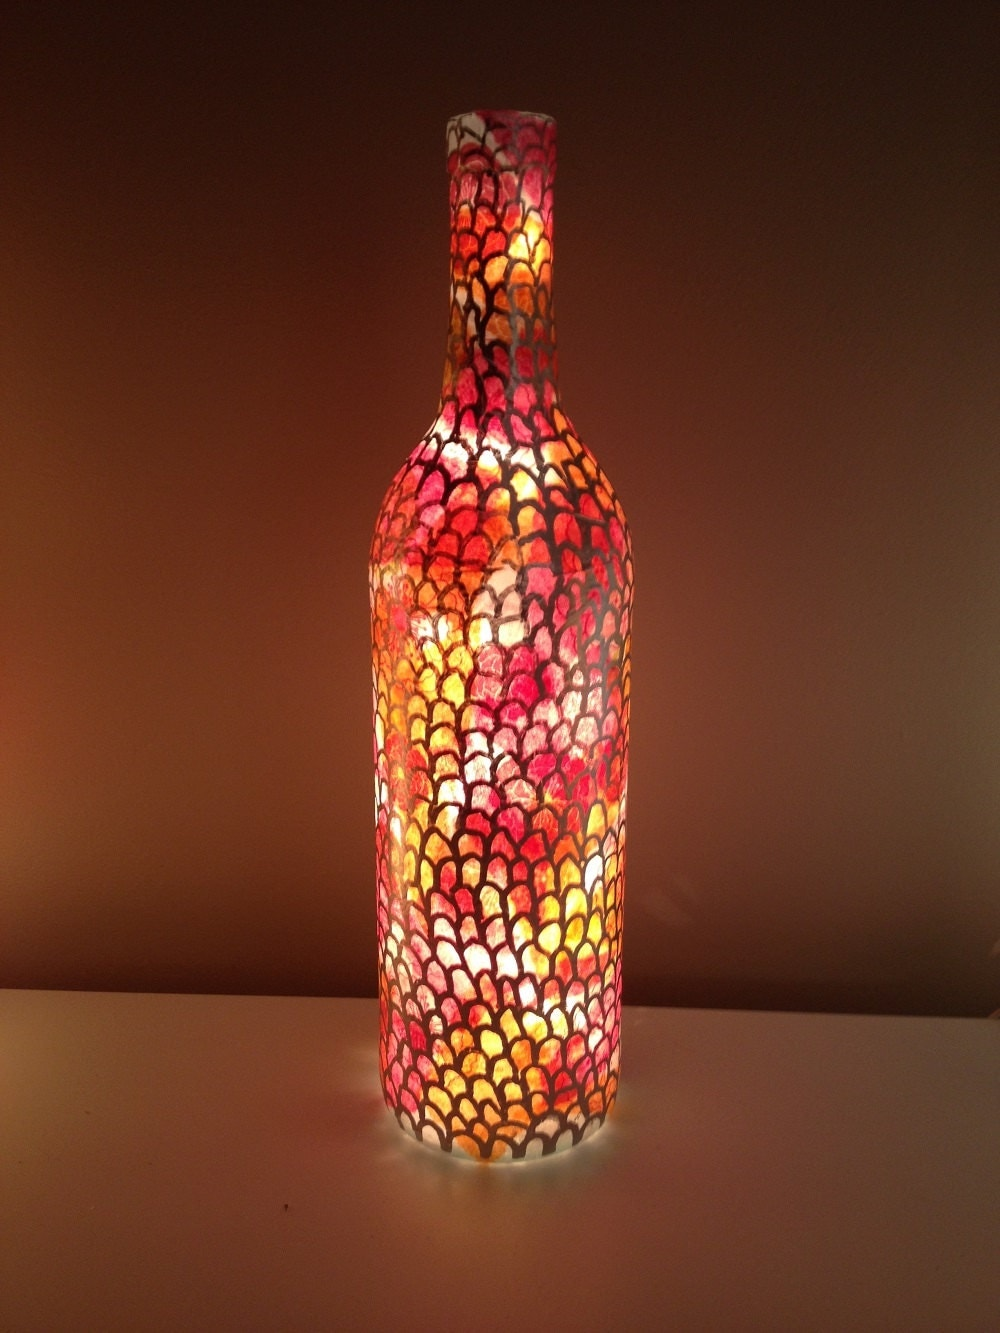 Scalloped light up wine bottle for Light up wine bottles